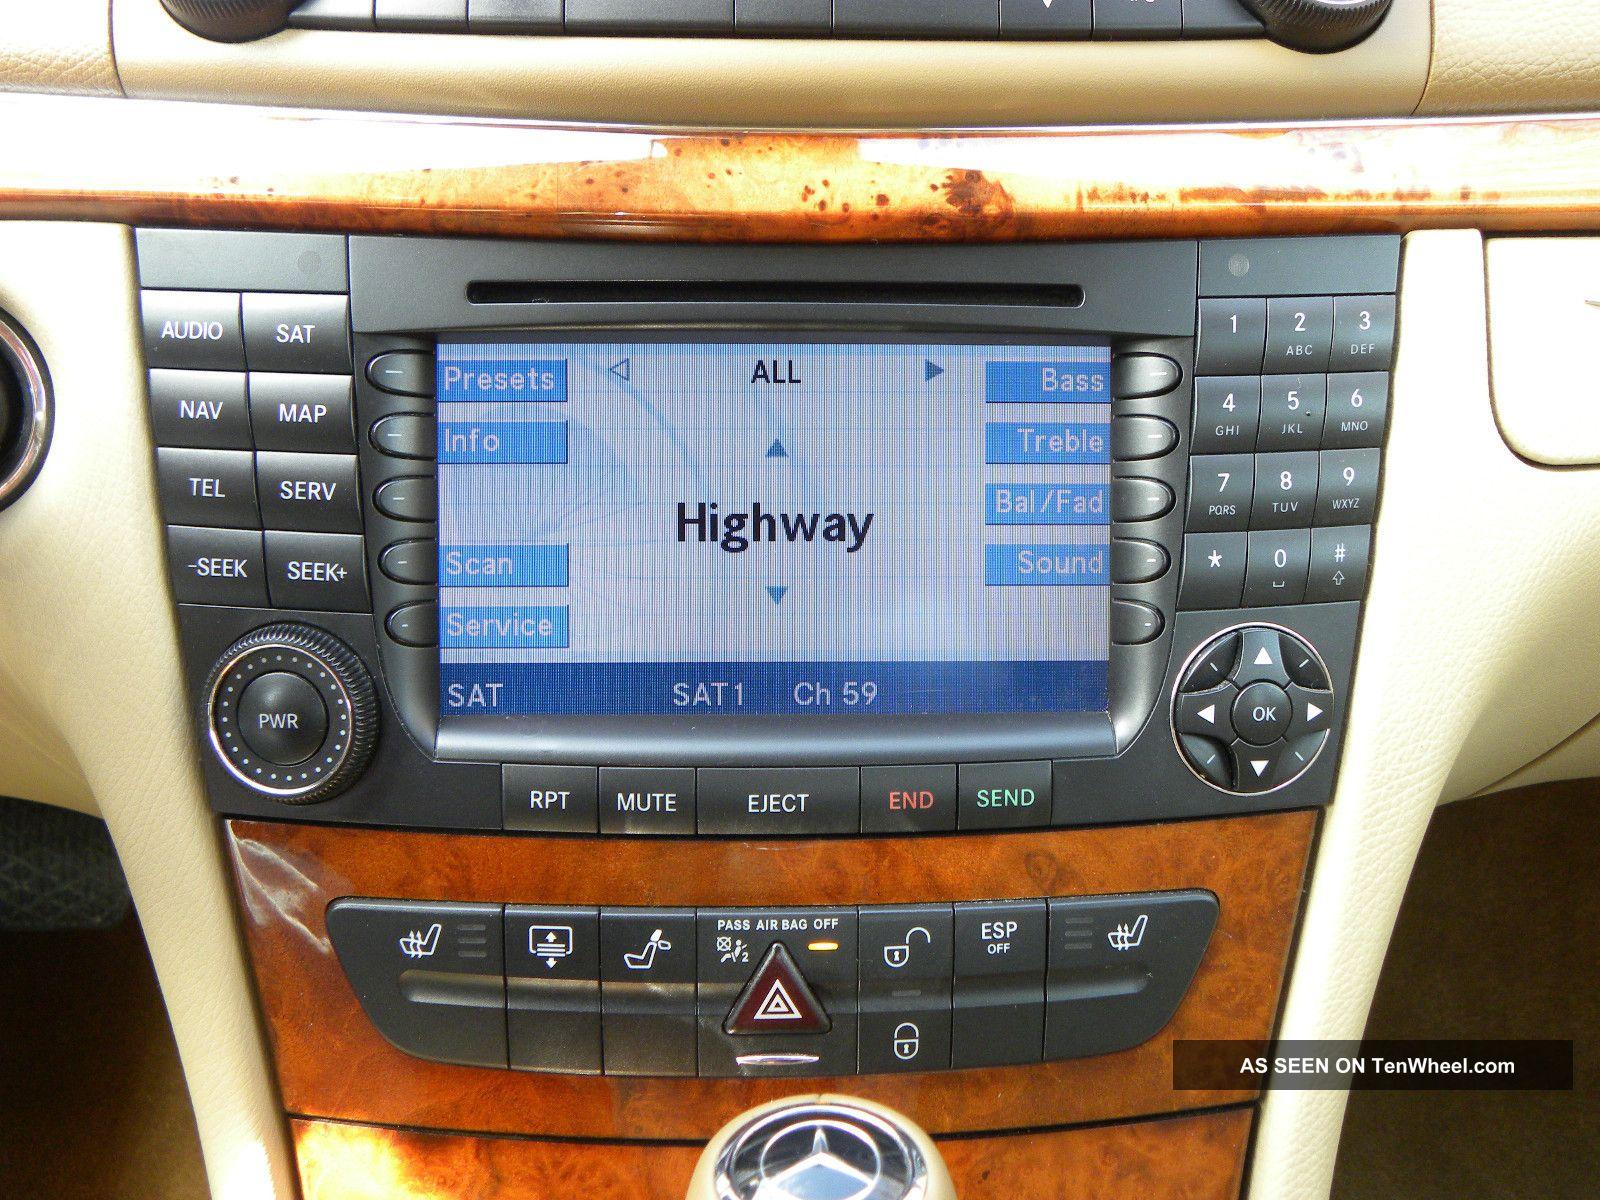 2008 mercedes benz e320 bluetec sedan 4 door 3 0l for Tele aid mercedes benz